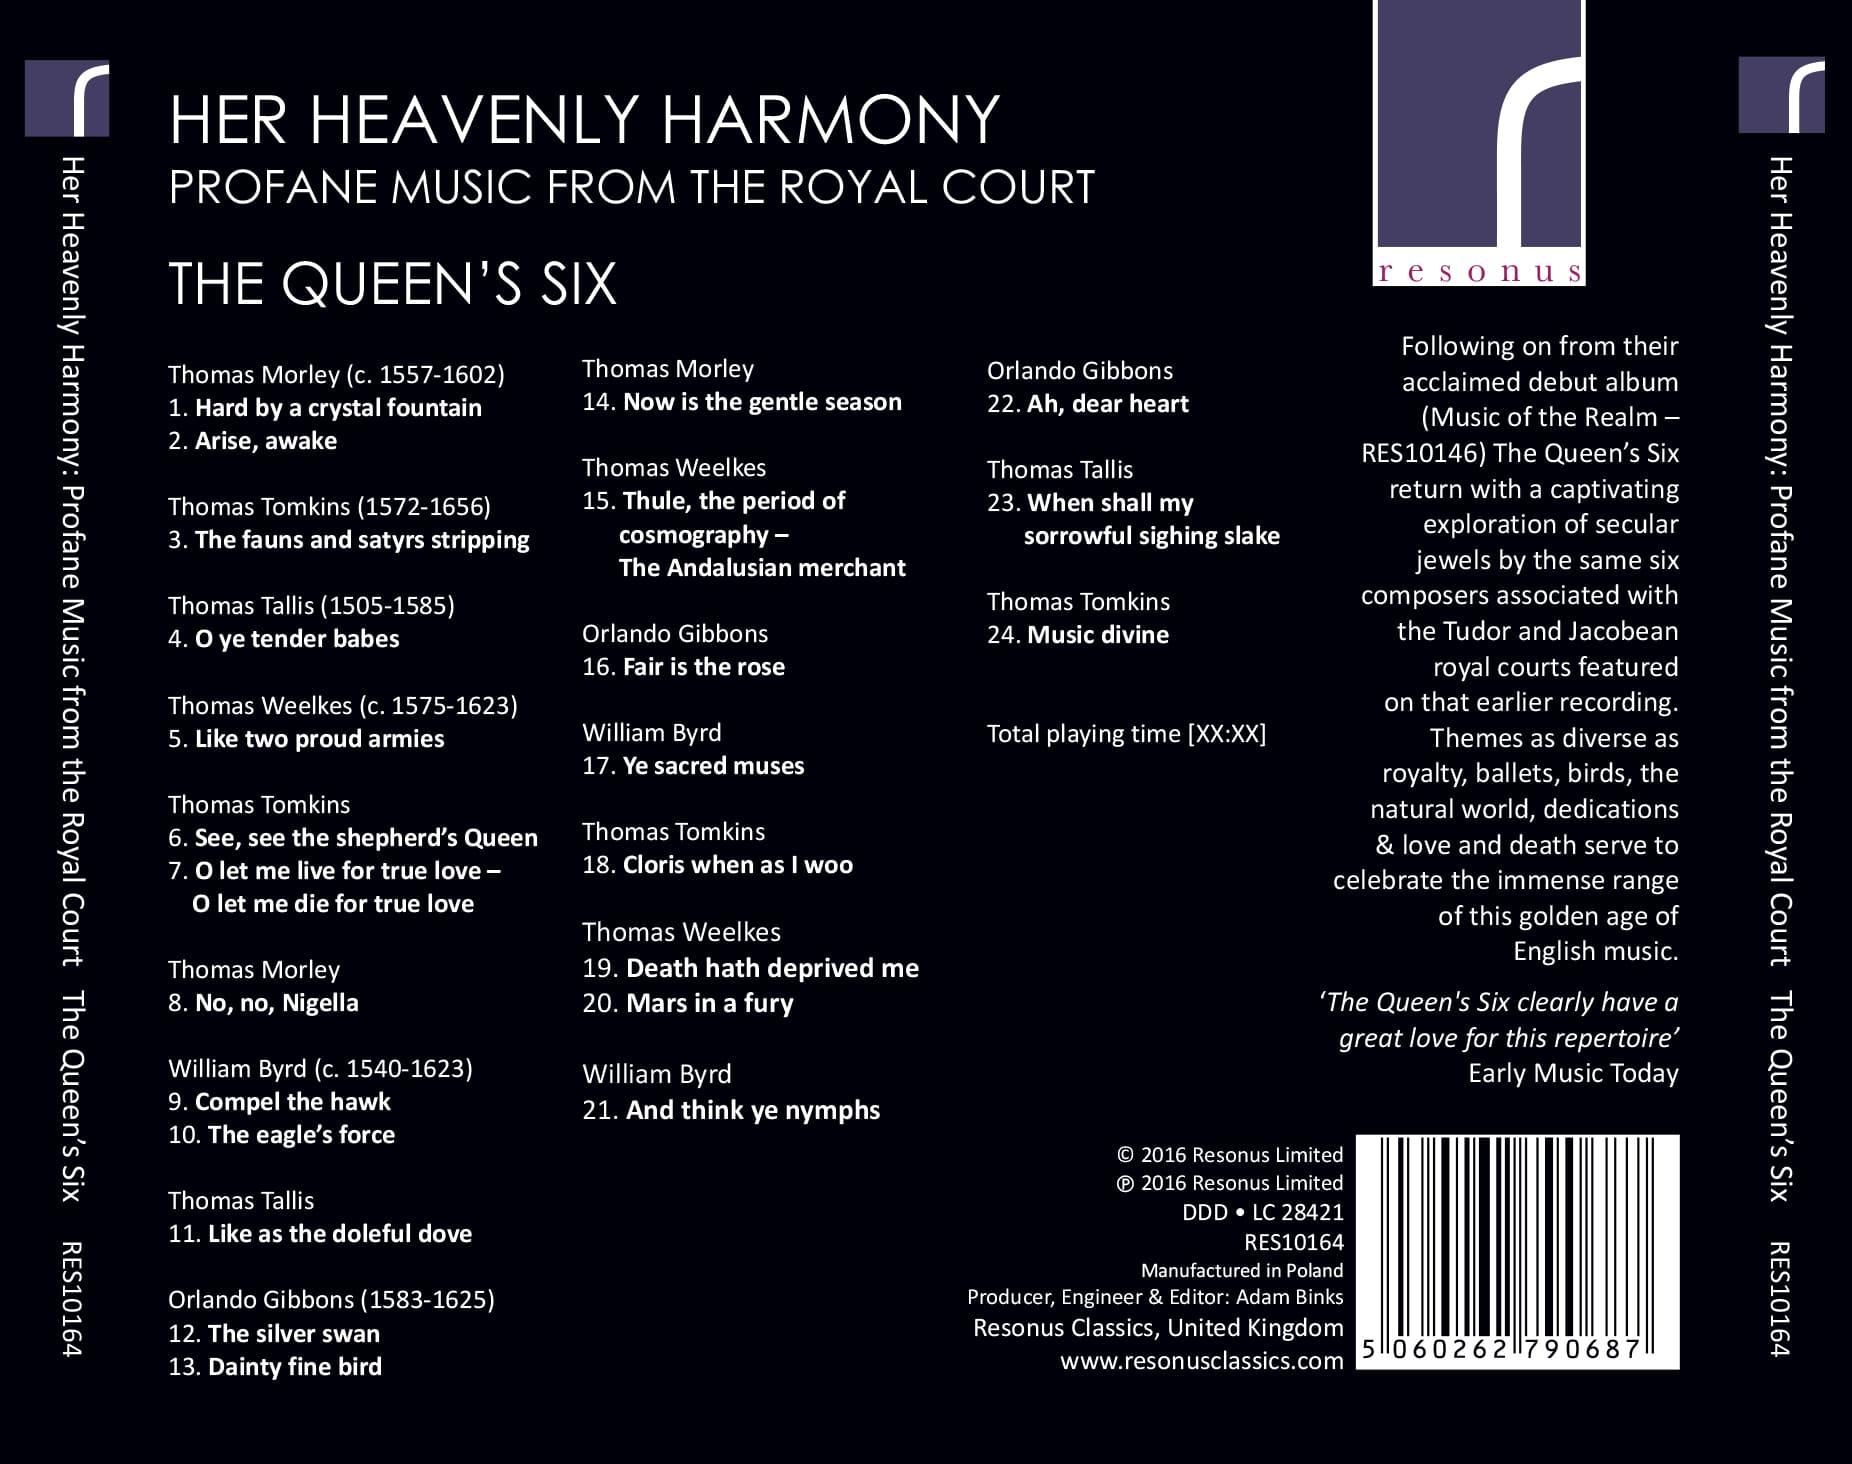 Her Heavenly Harmony album back